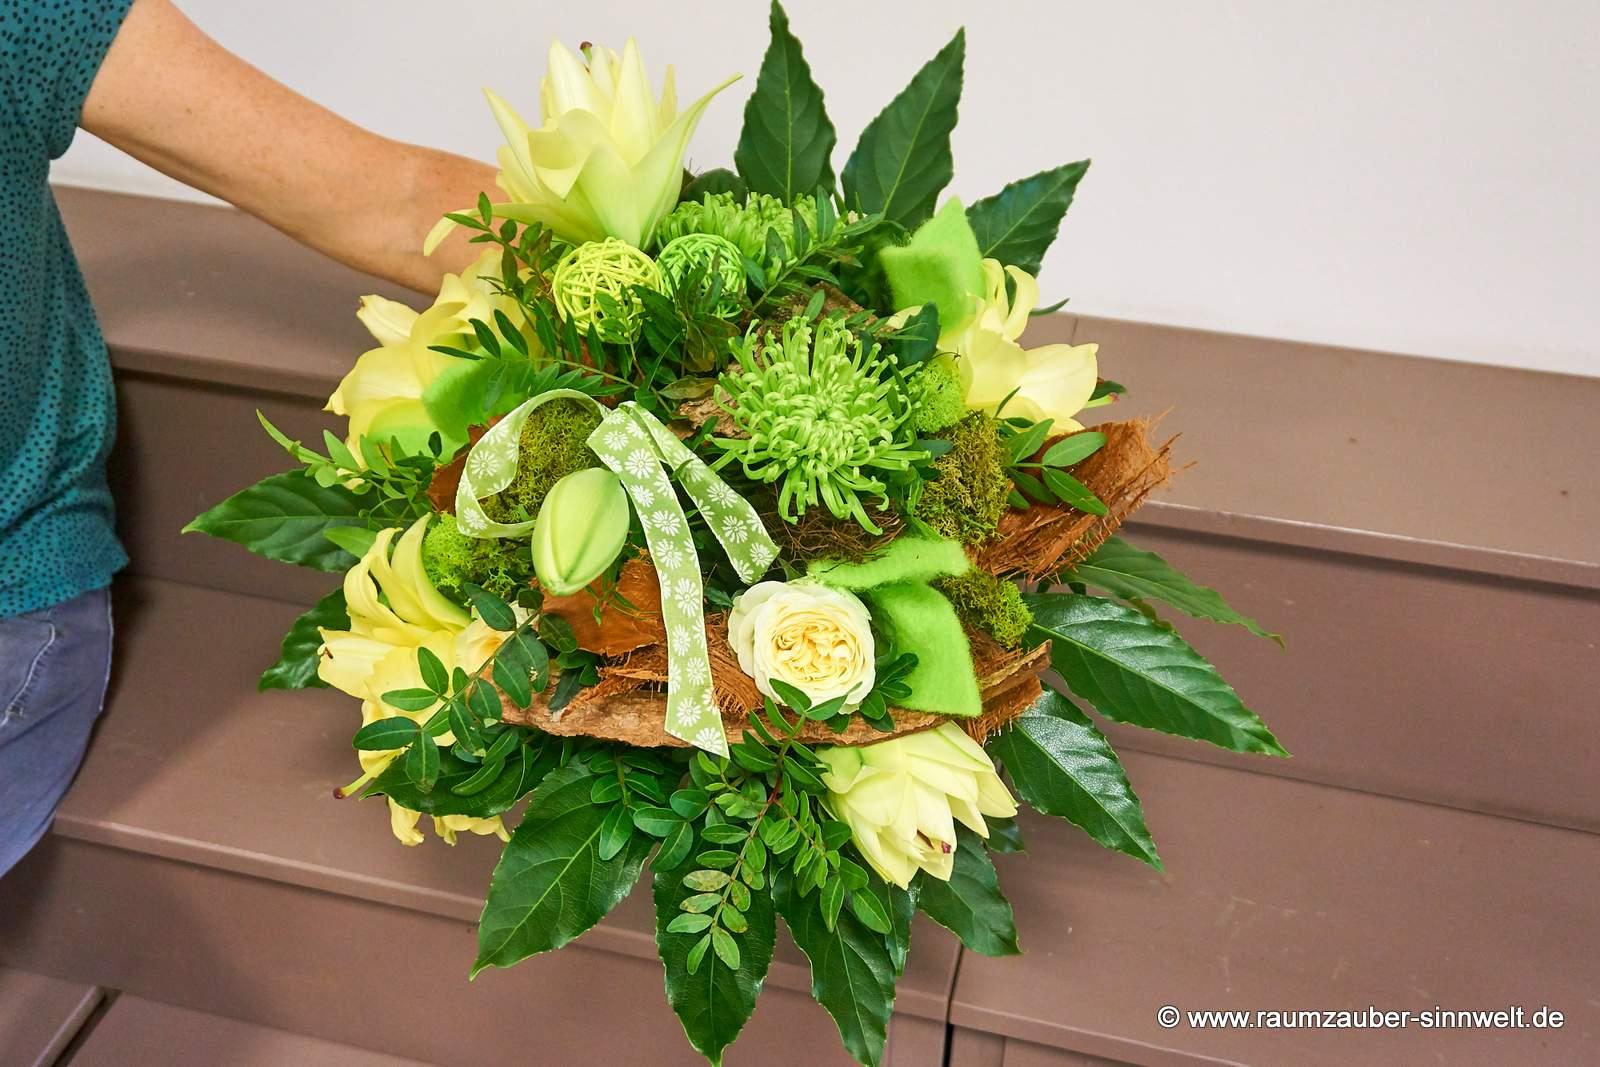 Strauß mit Rosen, Lilien und Chrysanthemen